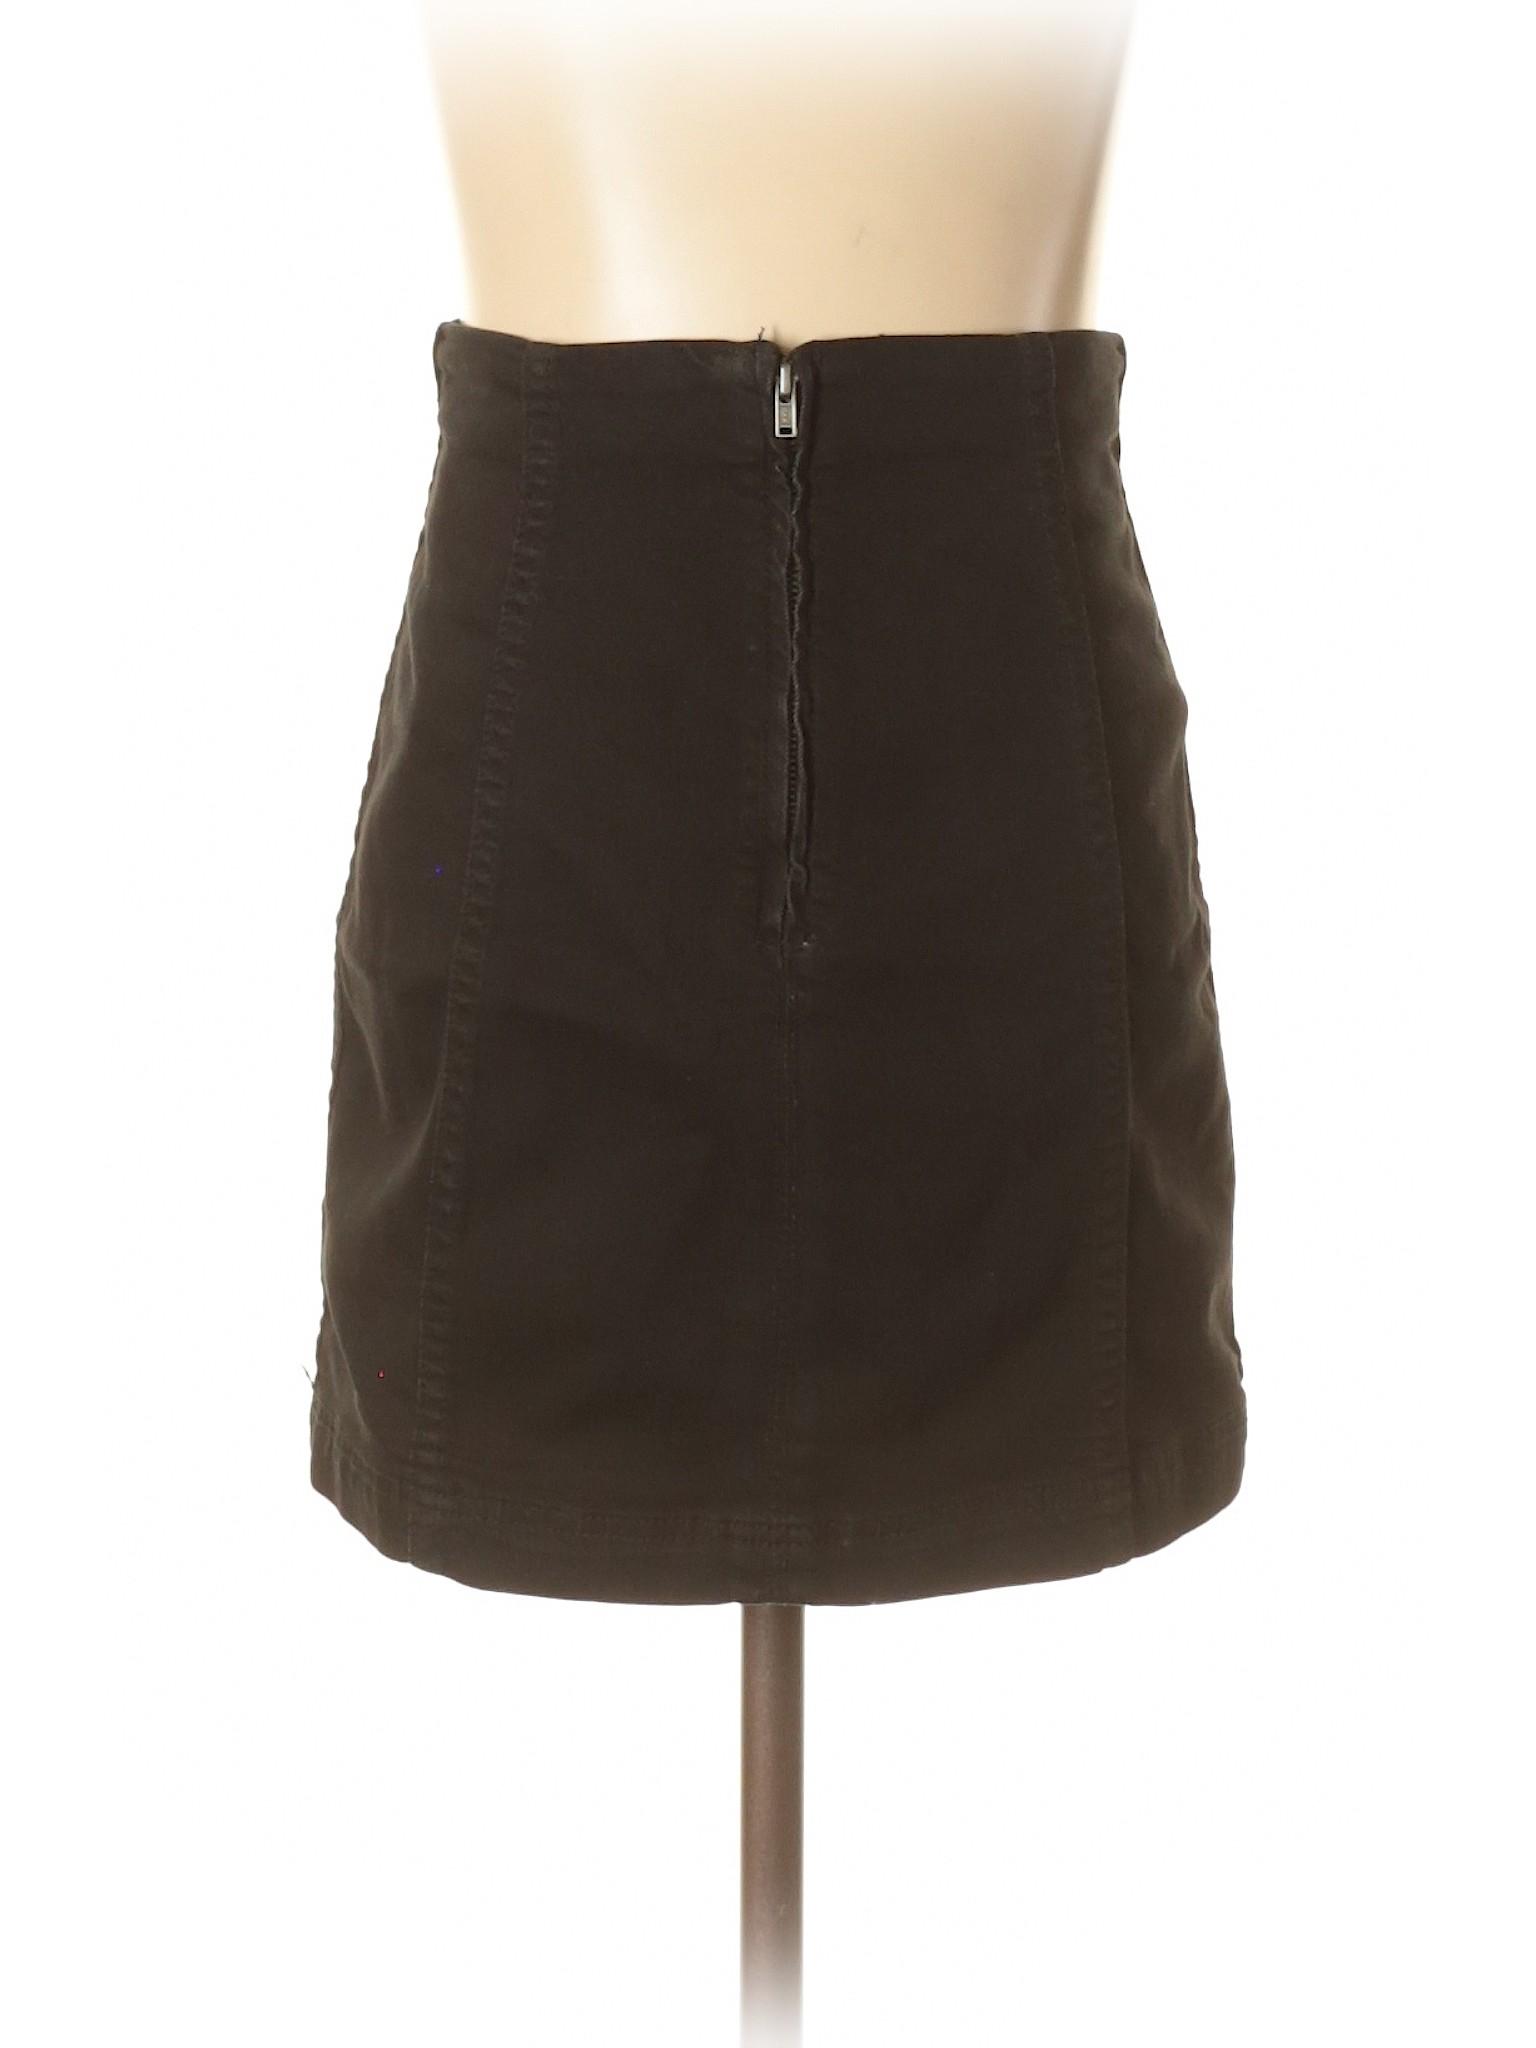 Denim Denim Denim Skirt Skirt Boutique Boutique Boutique qTwExXgw7